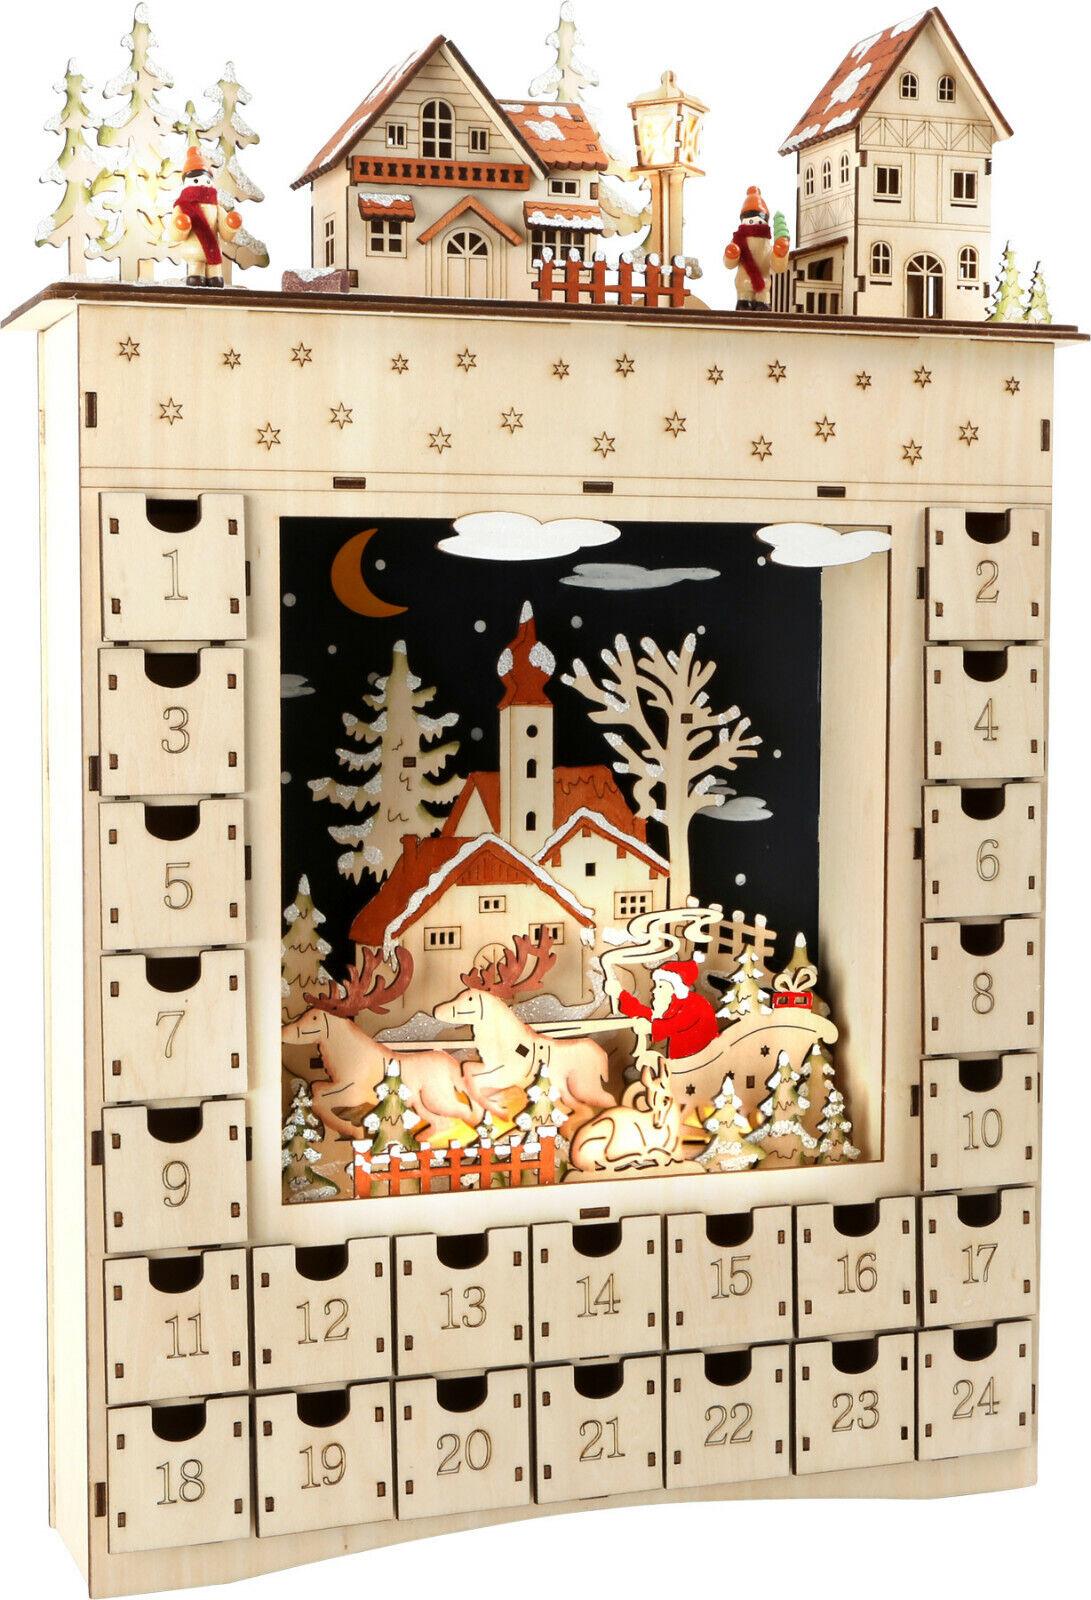 Adventskalender Holz mit Beleuchtung mit vielen Details